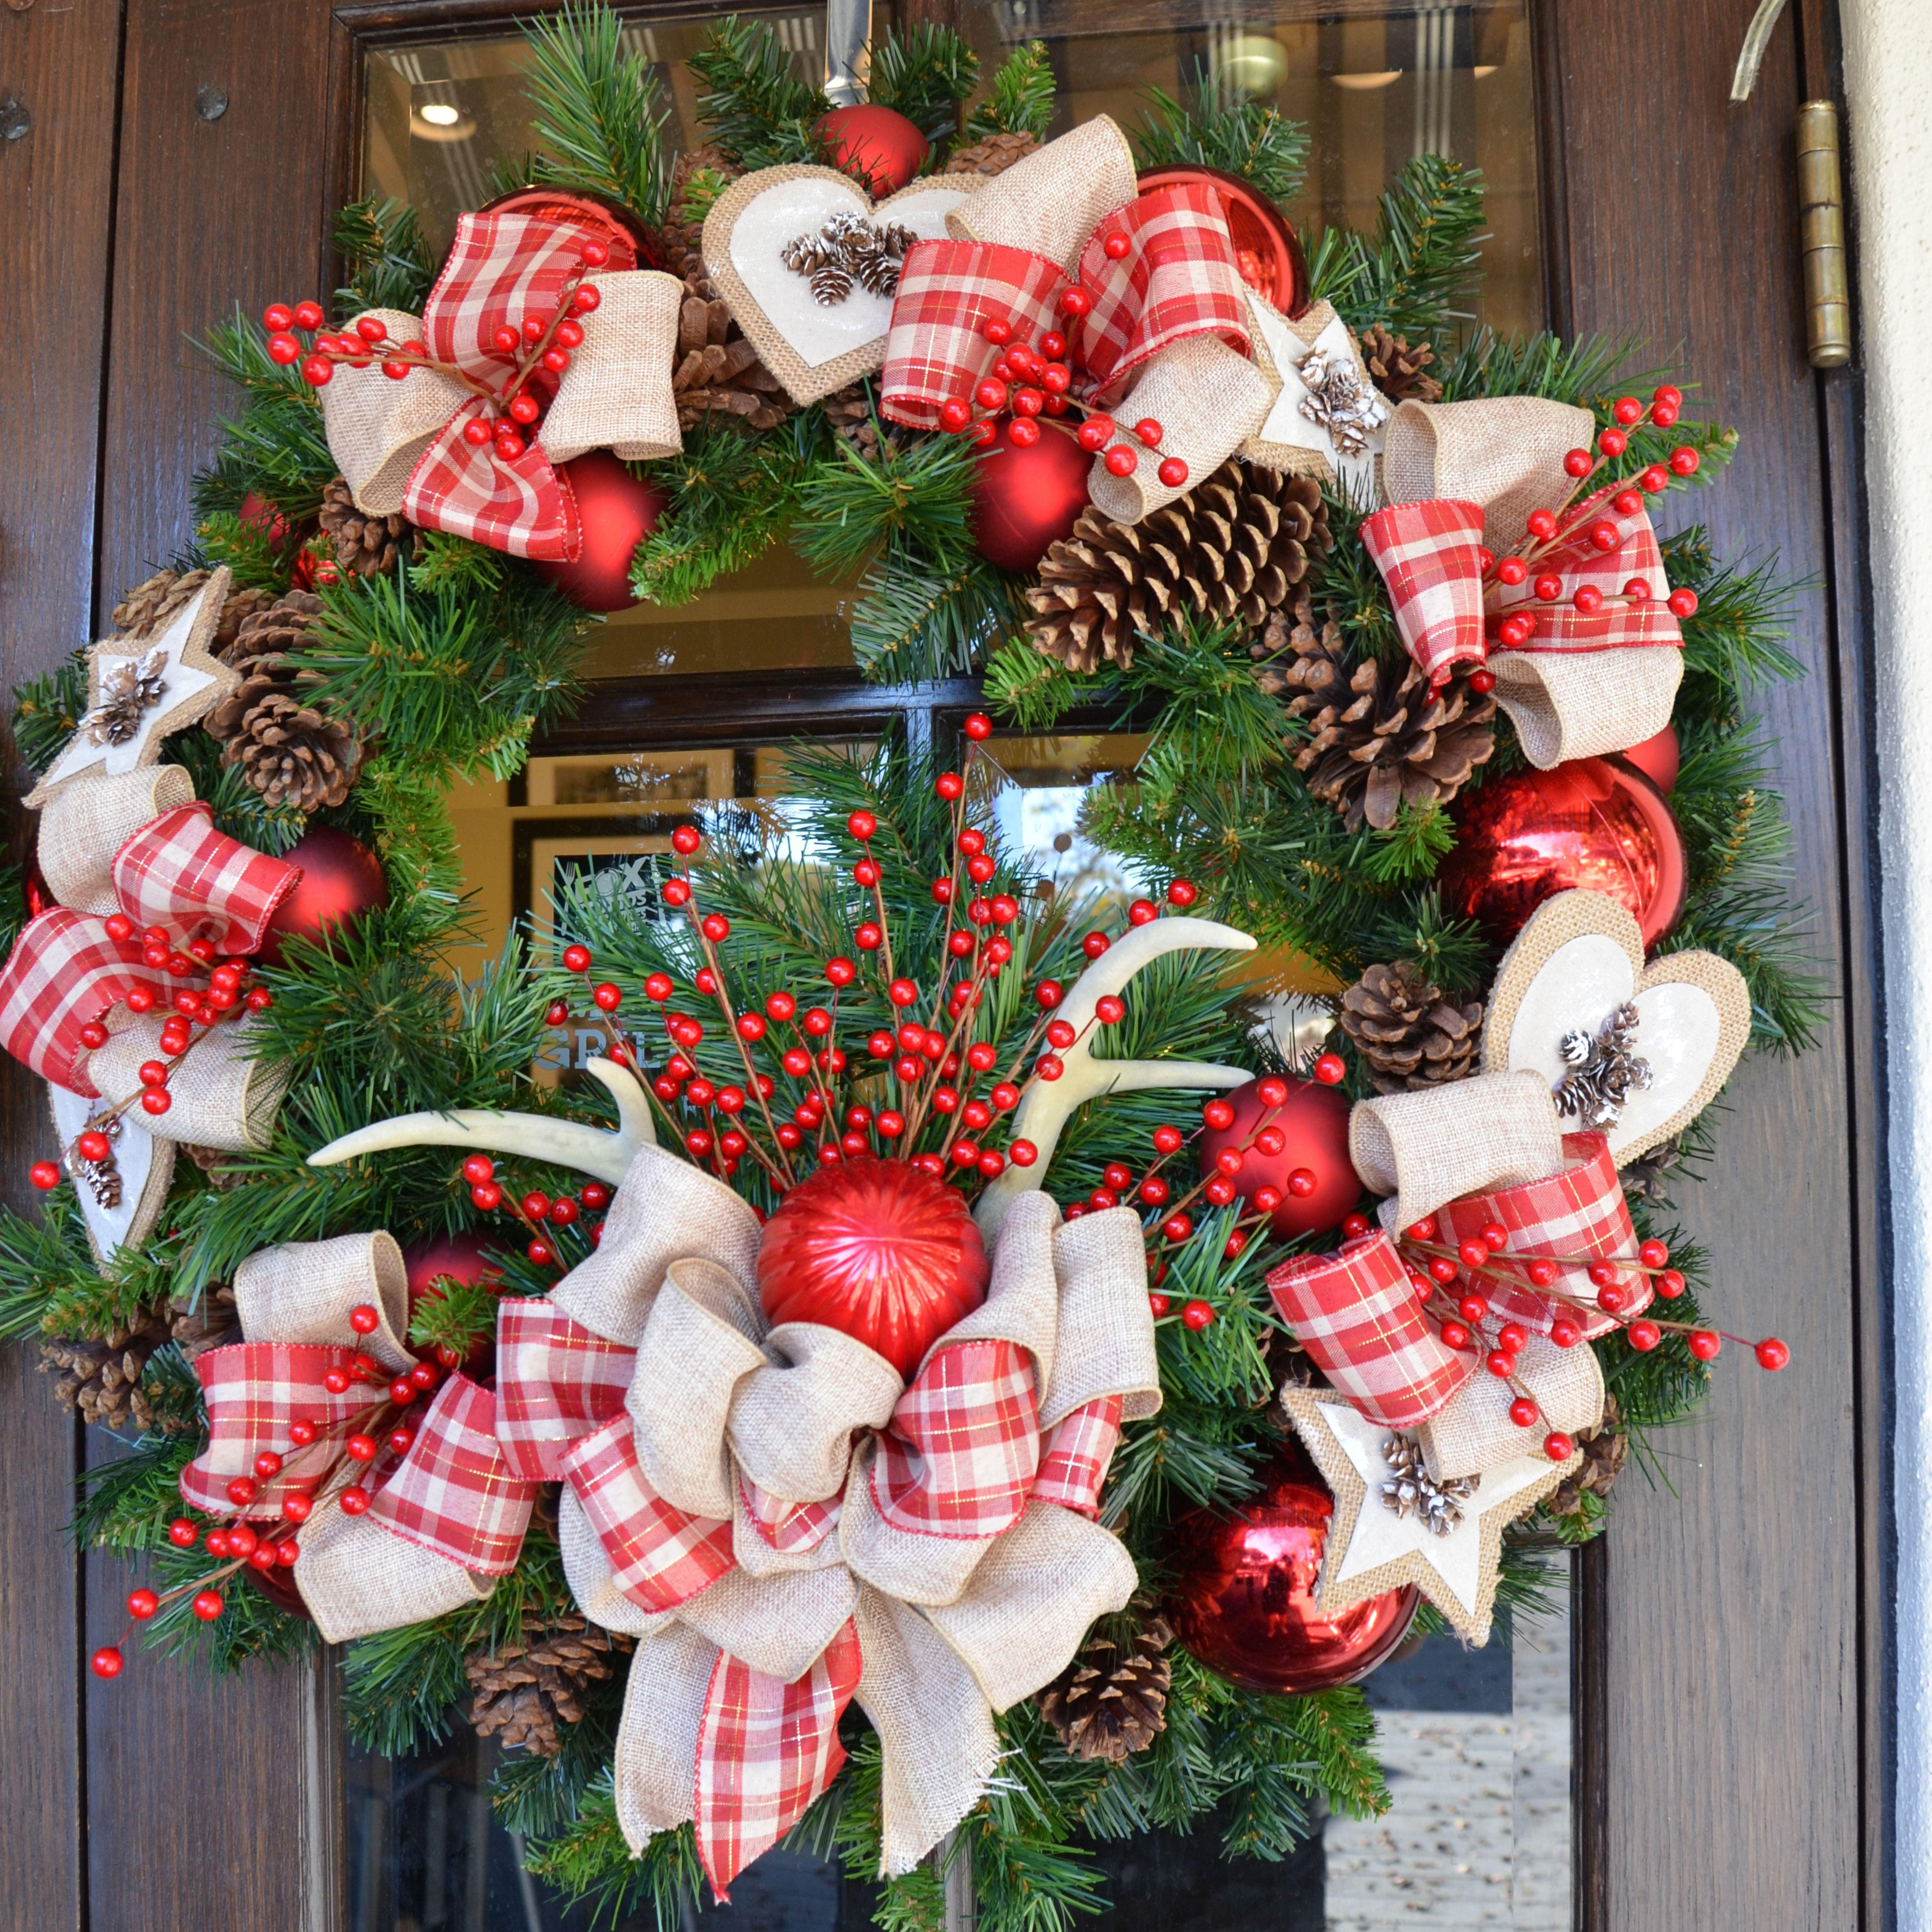 Rustic Christmas Wreath Christmas Wreaths Rustic Christmas Wreath Rustic Christmas